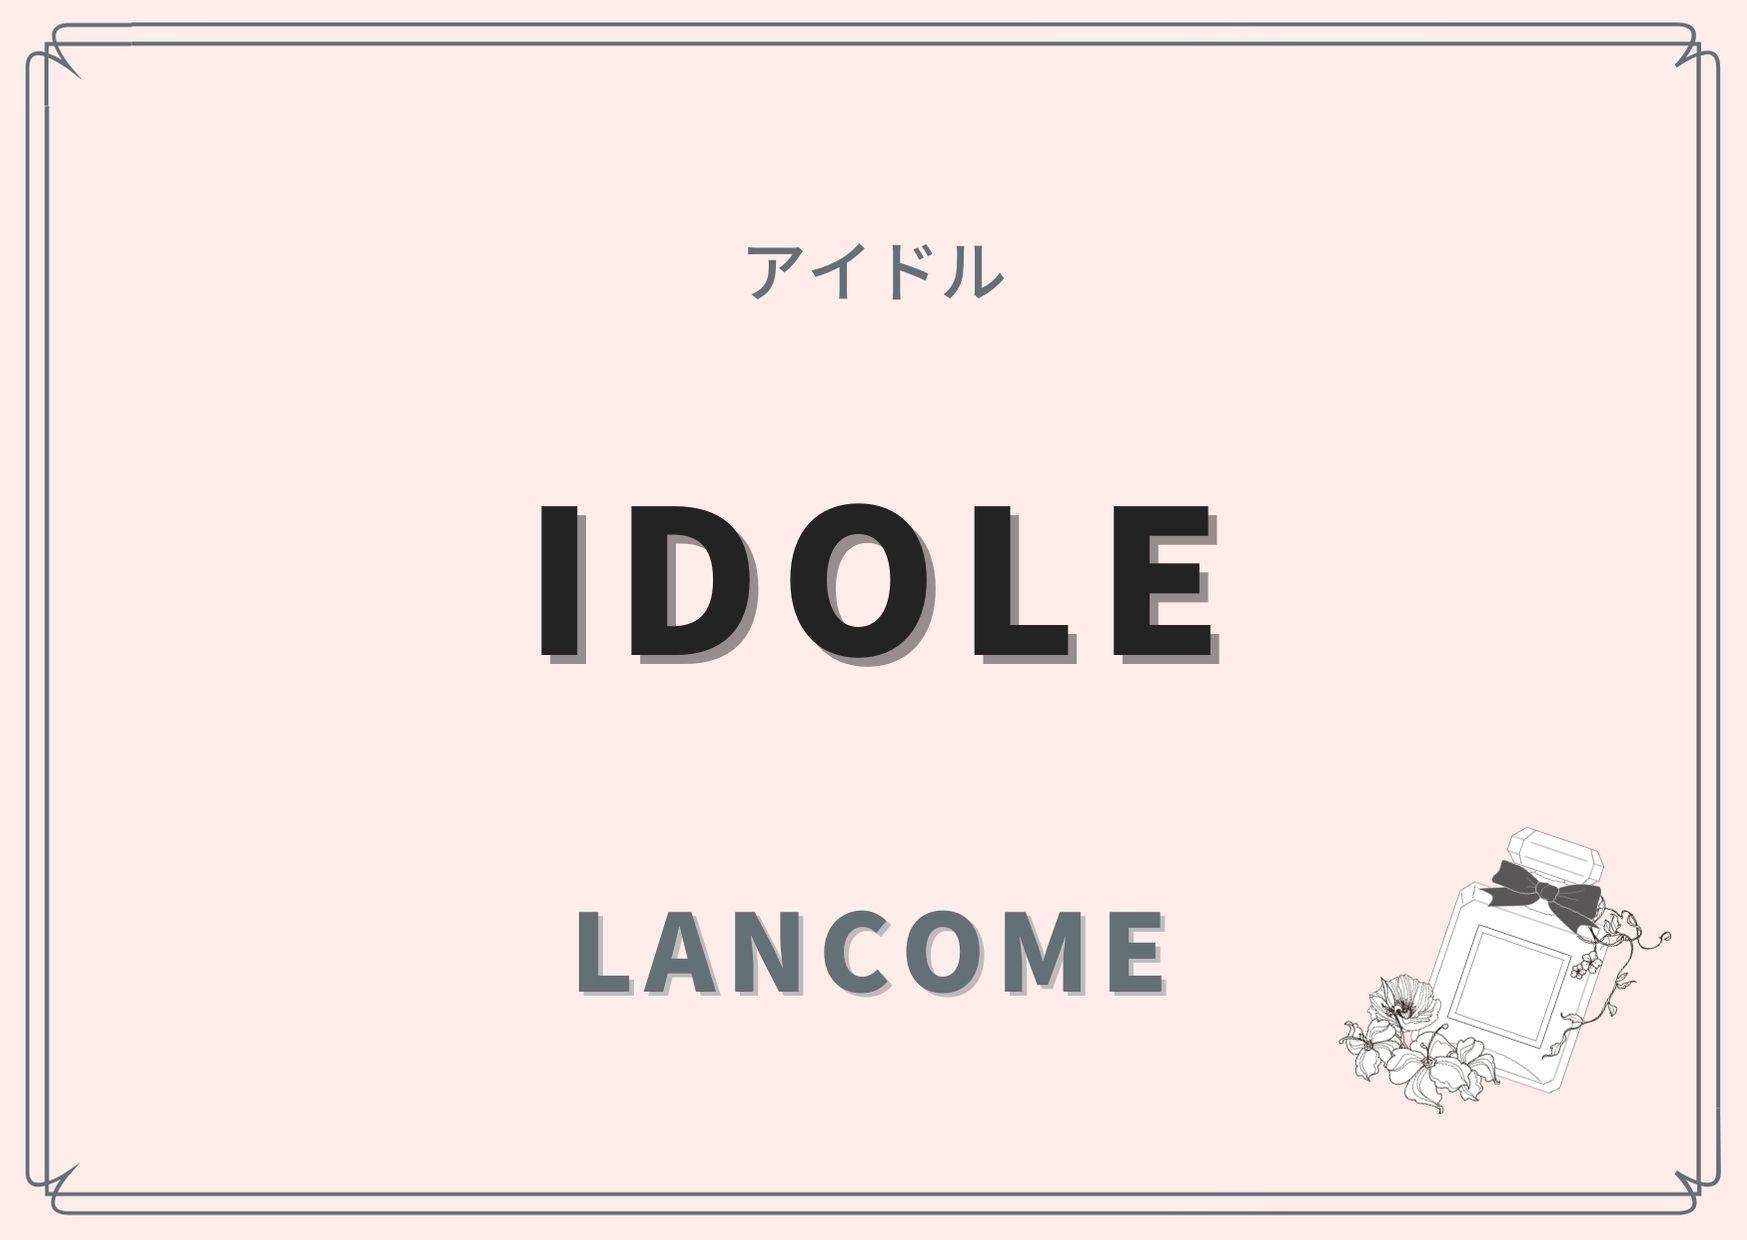 IDOLE(アイドル)/ LANCOME(ランコム)